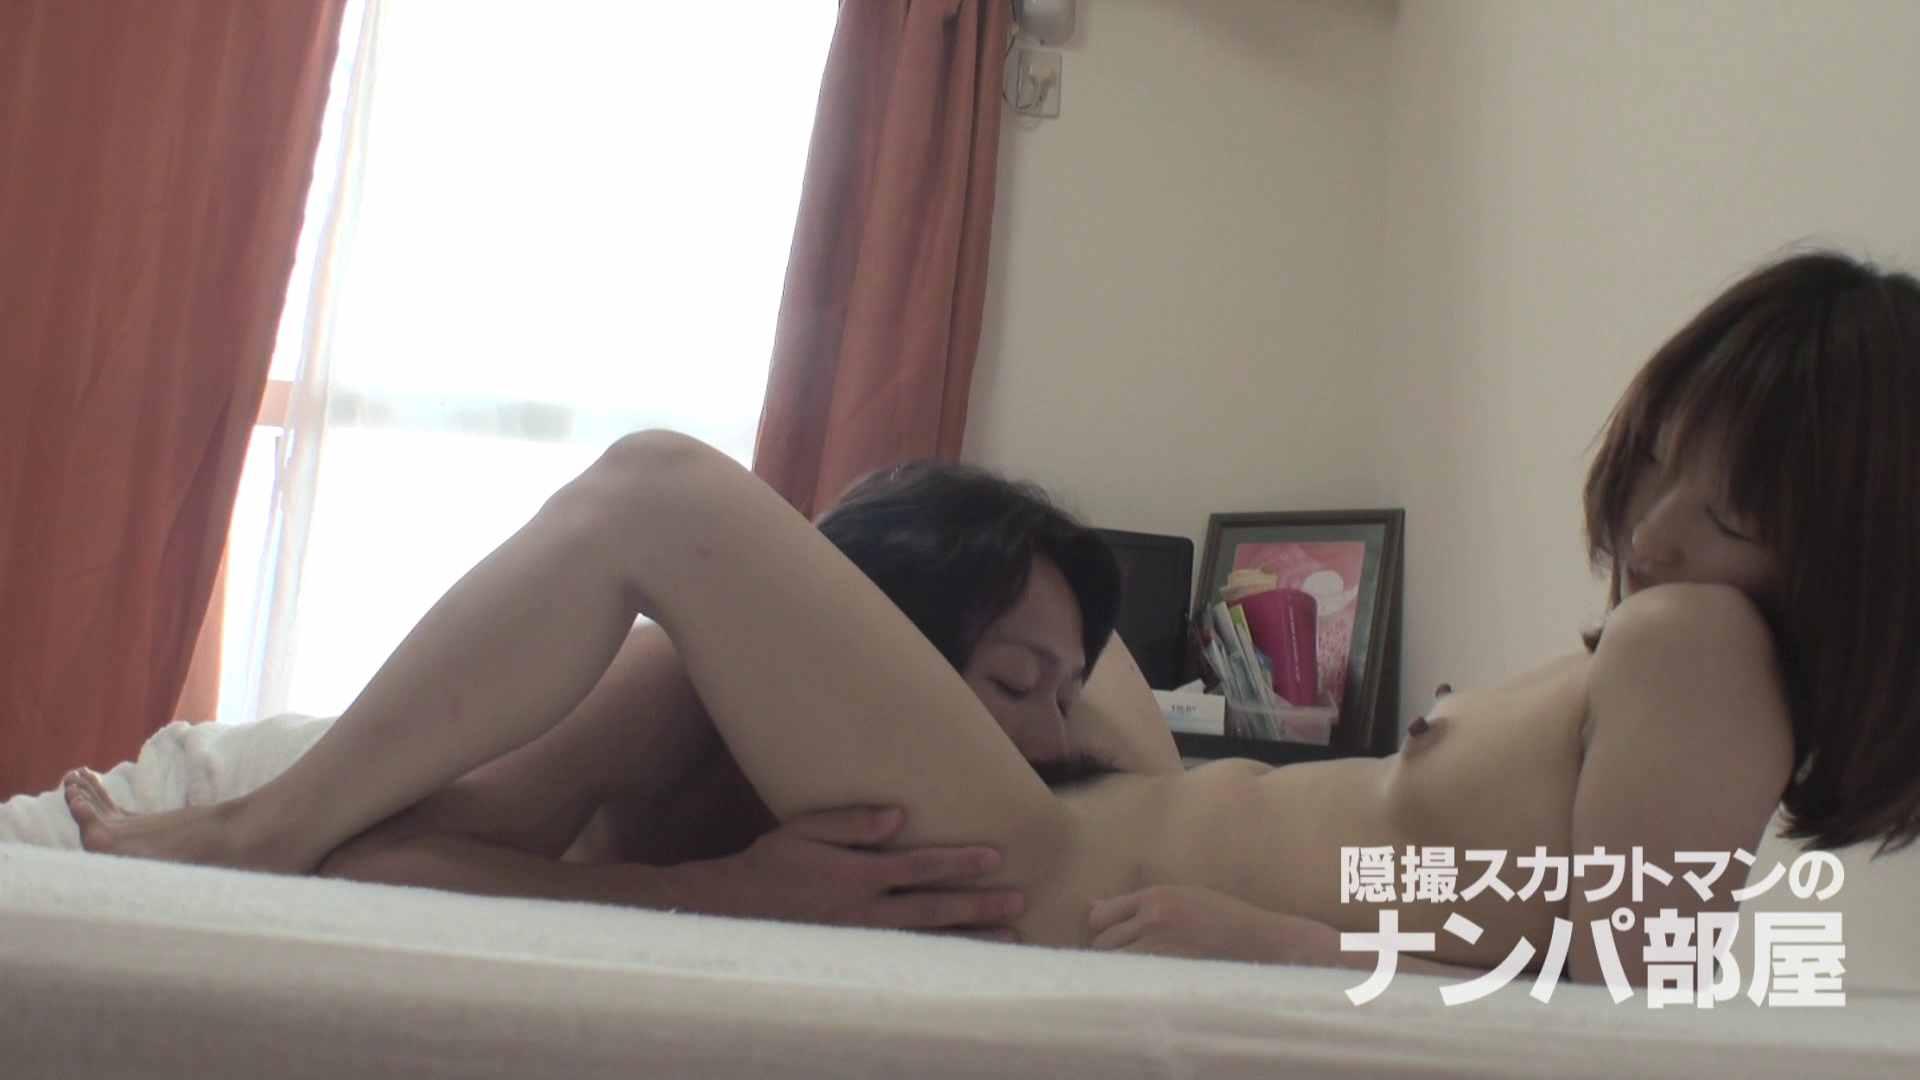 隠撮スカウトマンのナンパ部屋~風俗デビュー前のつまみ食い~ sii 脱衣所 | 隠撮  68画像 57